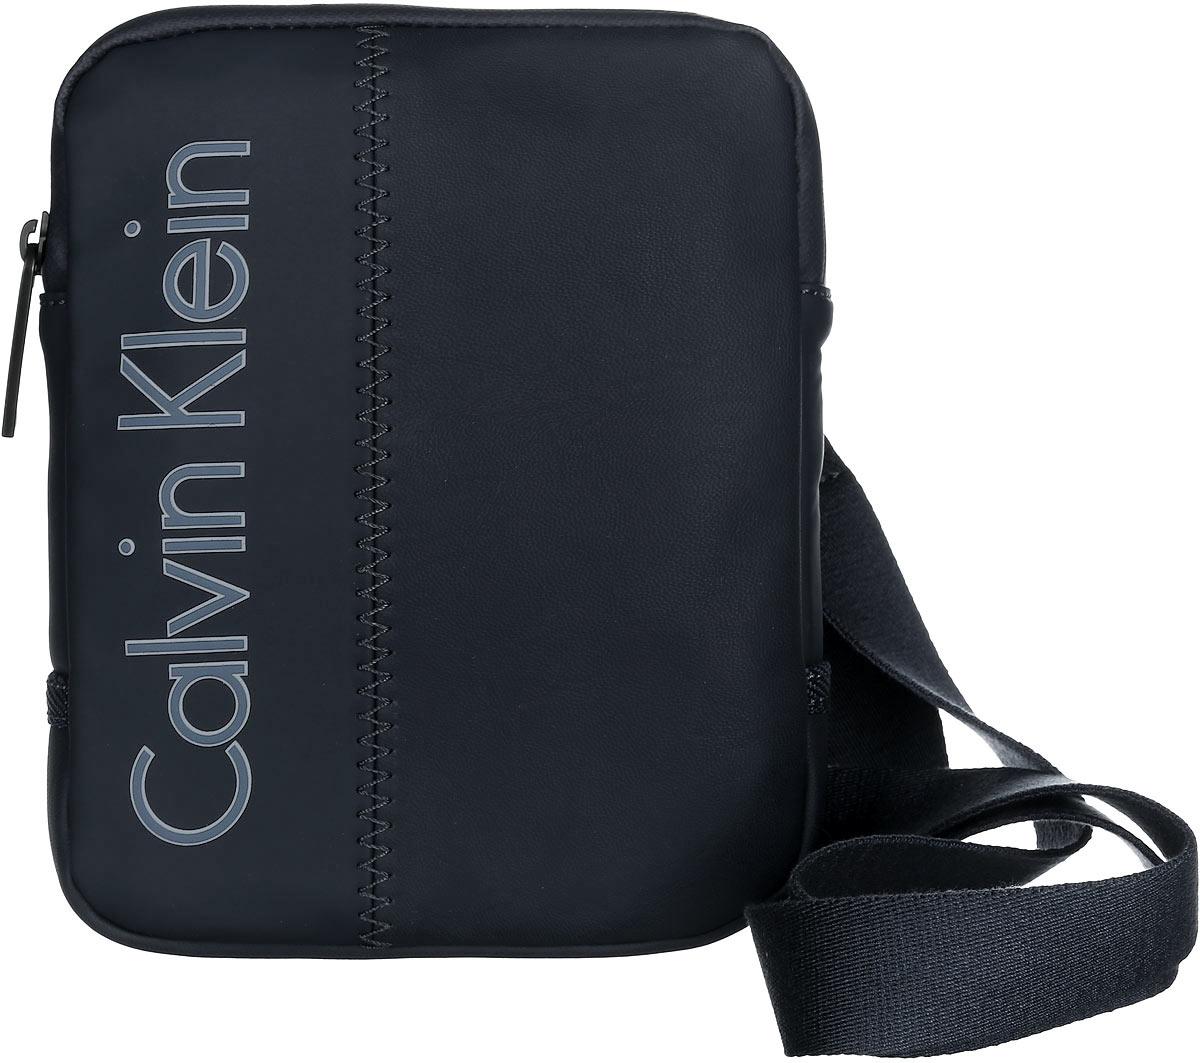 Сумка мужская Calvin Klein Jeans, цвет: черный. K50K501624_0010K50K501624_0010Стильная сумка Calvin Klein выполнена из полиуретана, оформлена символикой бренда.Изделие содержит одно отделение, которое закрывается на застежку-молнию. Внутри сумки размещен накладной кармашек для мелочей. Сумка оснащена плечевым ремнем регулируемой длины. В комплекте с изделием поставляется чехол для хранения.Модная сумка идеально подчеркнет ваш неповторимый стиль.